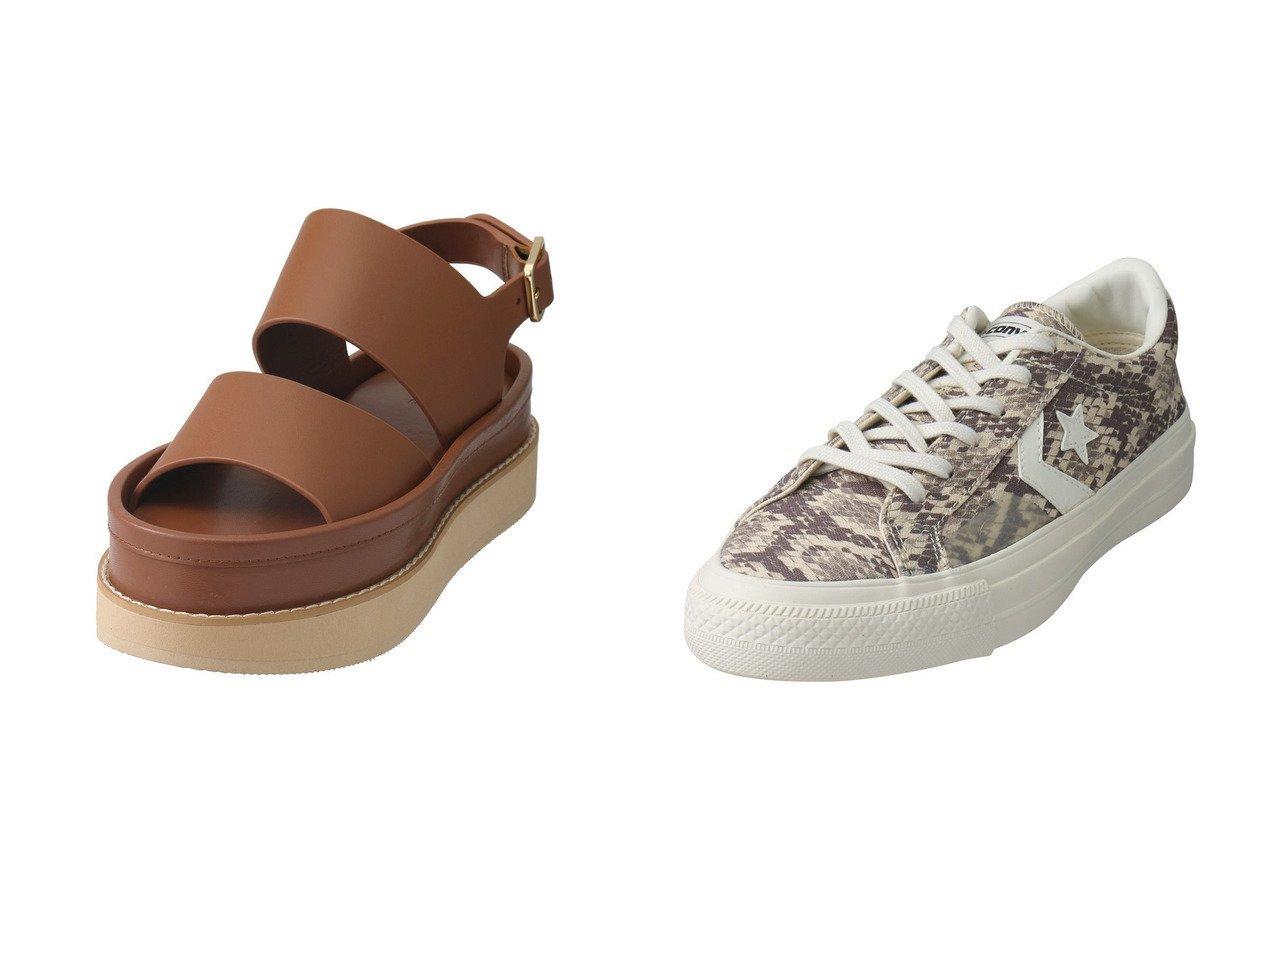 【CLANE/クラネ】のサンダル&【CONVERSE/コンバース】のプロライド SK SNK OX 【シューズ・靴】おすすめ!人気、トレンド・レディースファッションの通販 おすすめで人気の流行・トレンド、ファッションの通販商品 インテリア・家具・メンズファッション・キッズファッション・レディースファッション・服の通販 founy(ファニー) https://founy.com/ ファッション Fashion レディースファッション WOMEN キャンバス シューズ スタンダード スニーカー プリント インソール サンダル シンプル ラップ 厚底 |ID:crp329100000051242